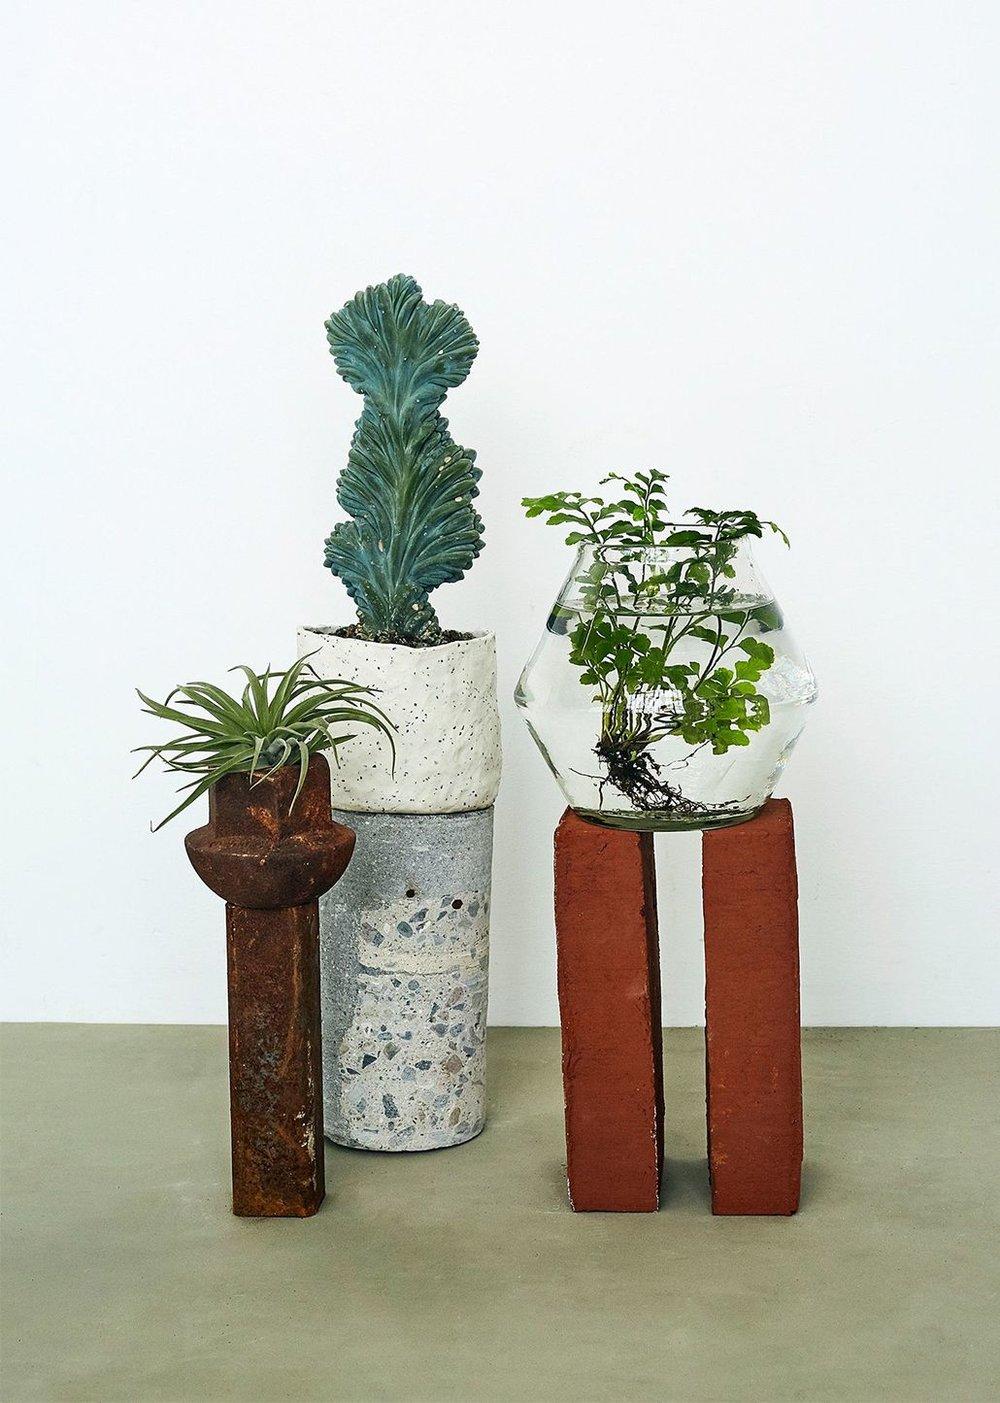 Book et møde med Plantepigerne Cille & Maja - Vi kigger gerne forbi jer, men I kan også booke et møde og komme forbi vores butik og showroom i Nordhavn. Vi kan levere fra uge til uge.Send os en mail til info@plantkbh.dk eller ring på 23 41 59 18.